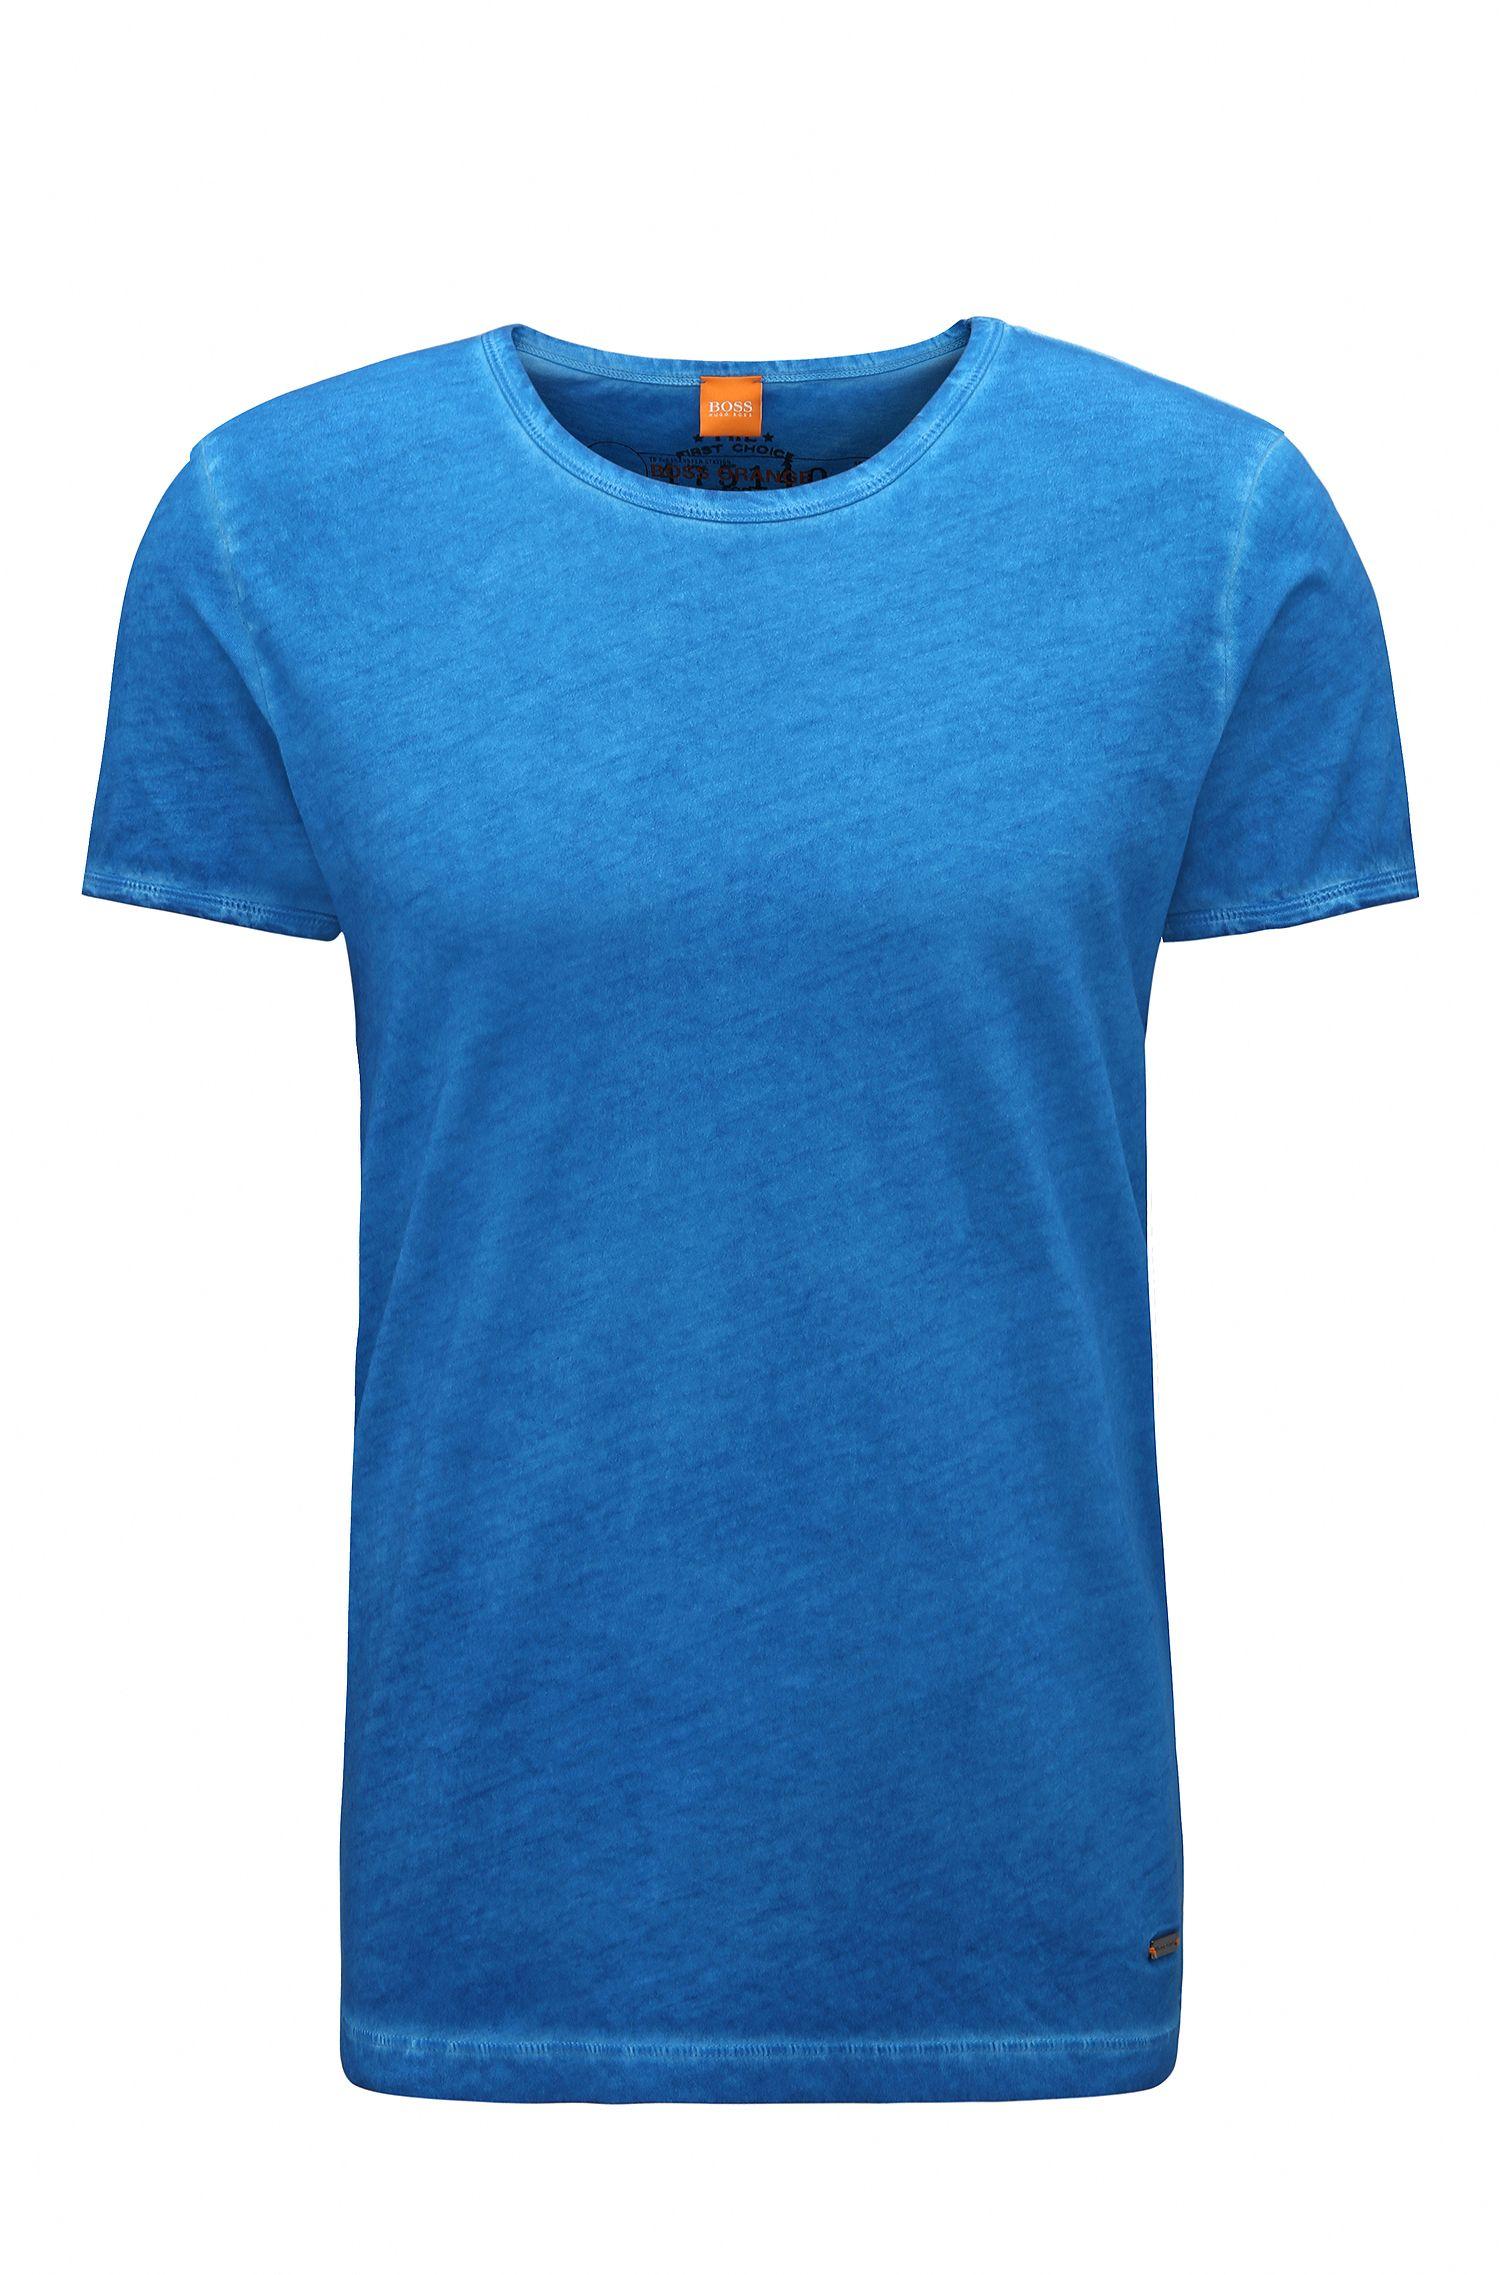 Cotton Garment Washed T-Shirt | Tour, Open Blue